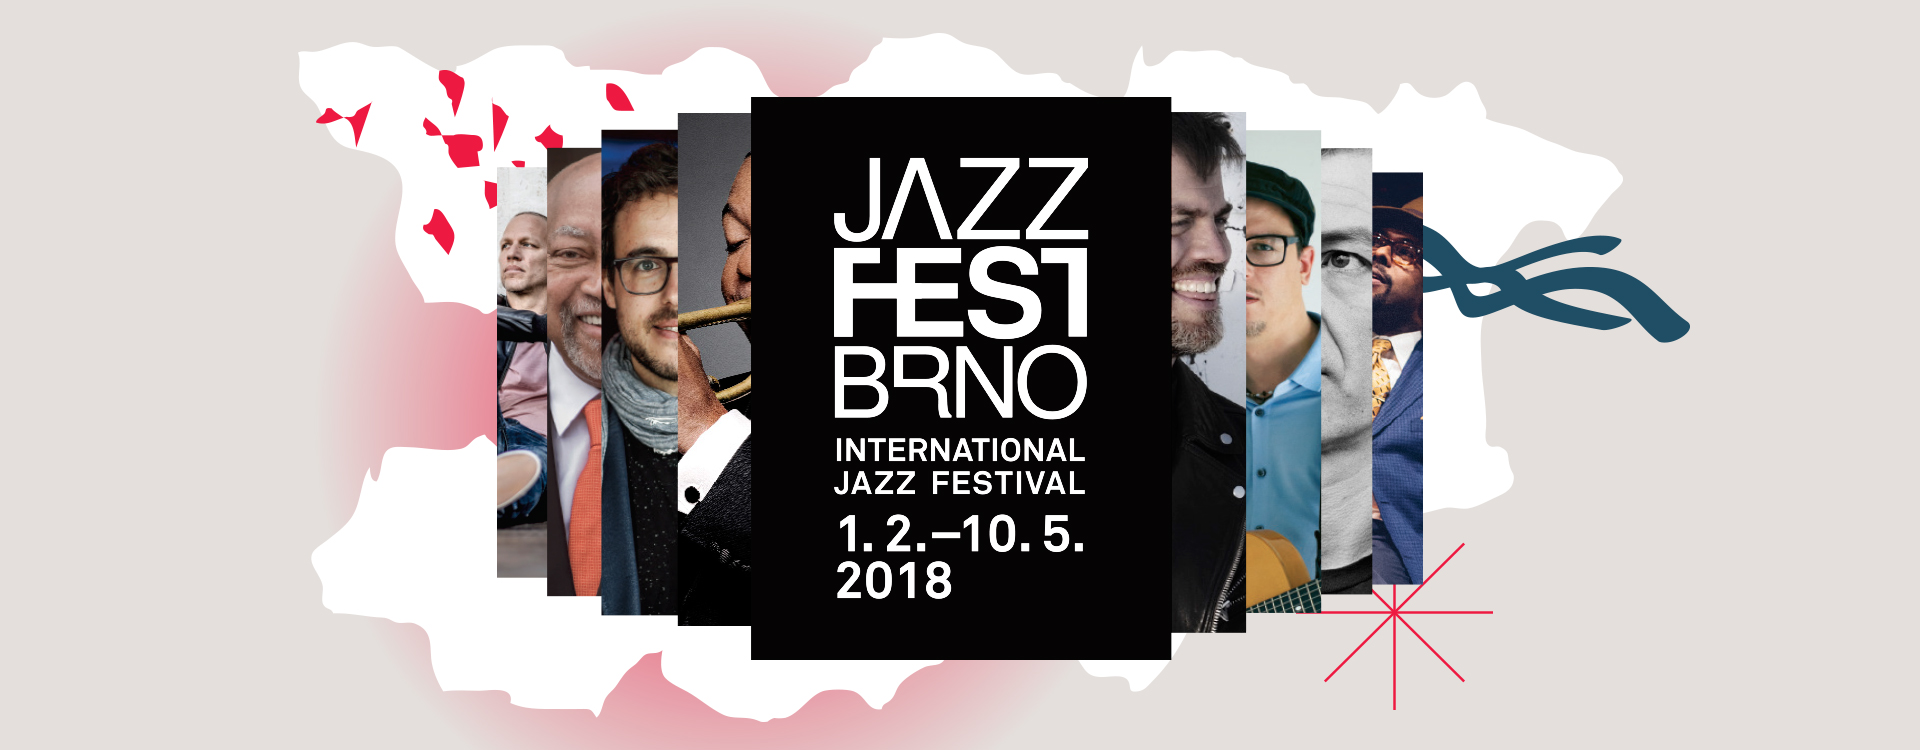 JazzFestBrno 2018